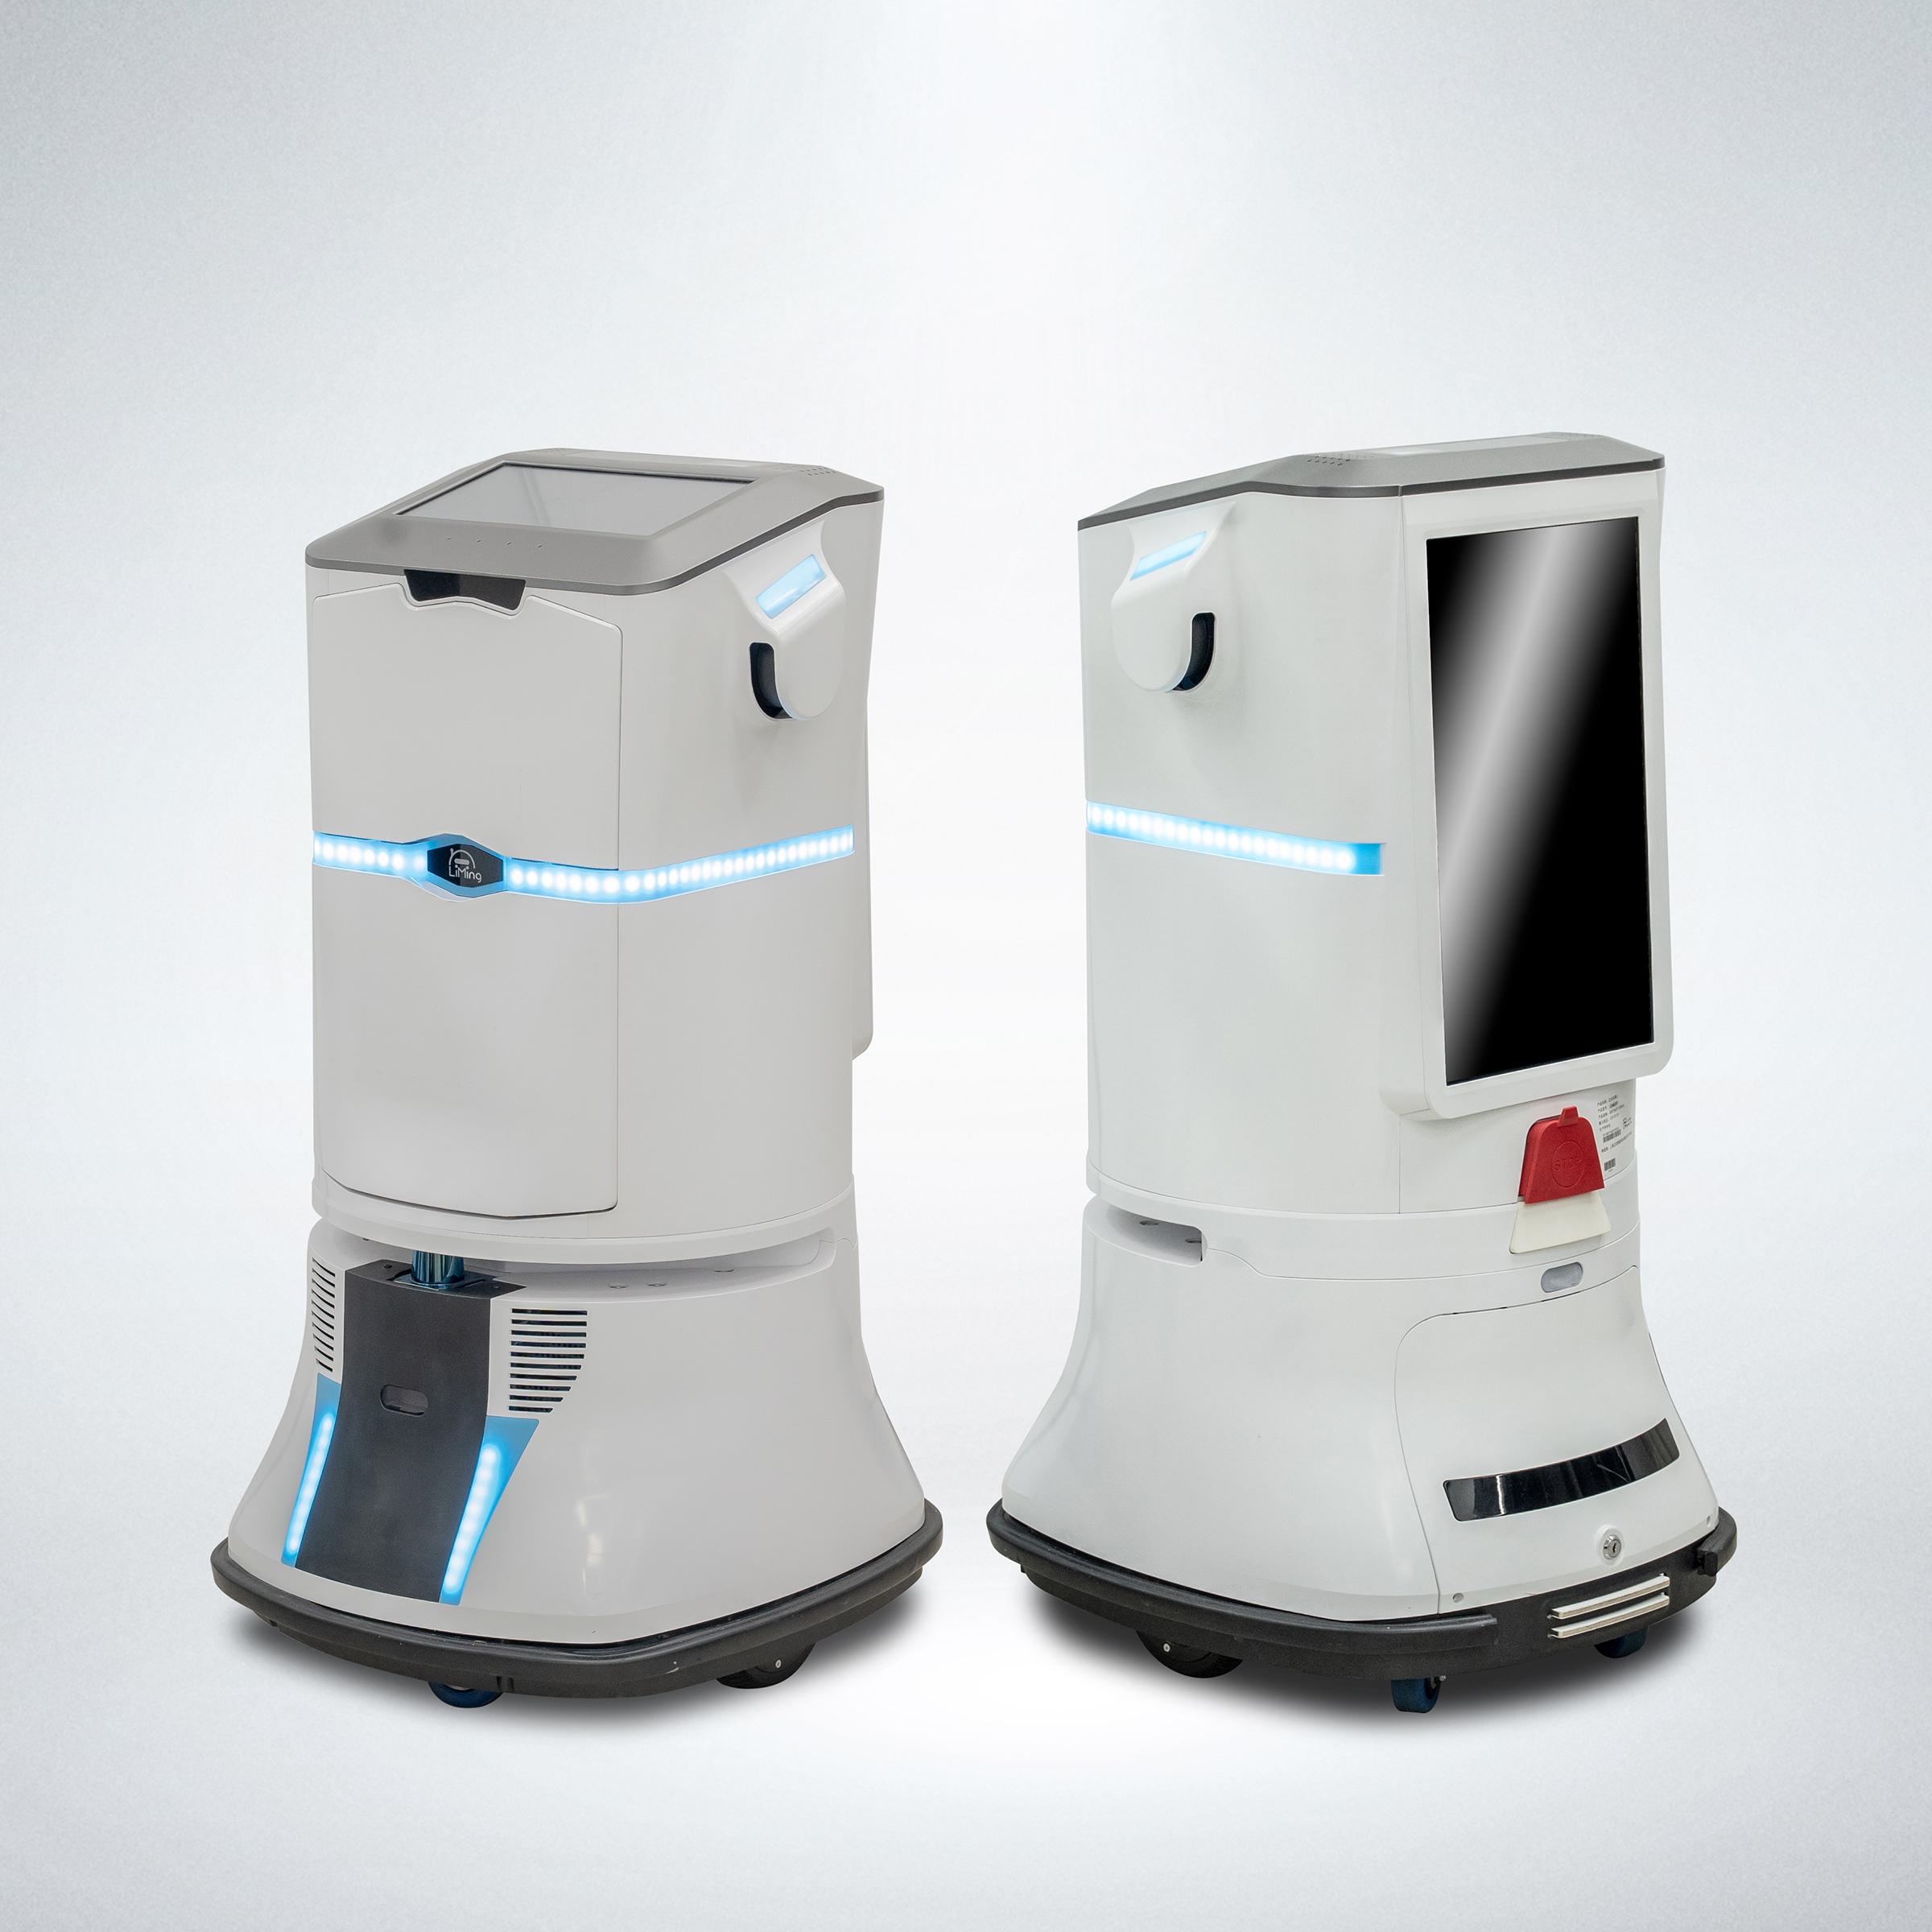 サービスロボット NAOMI